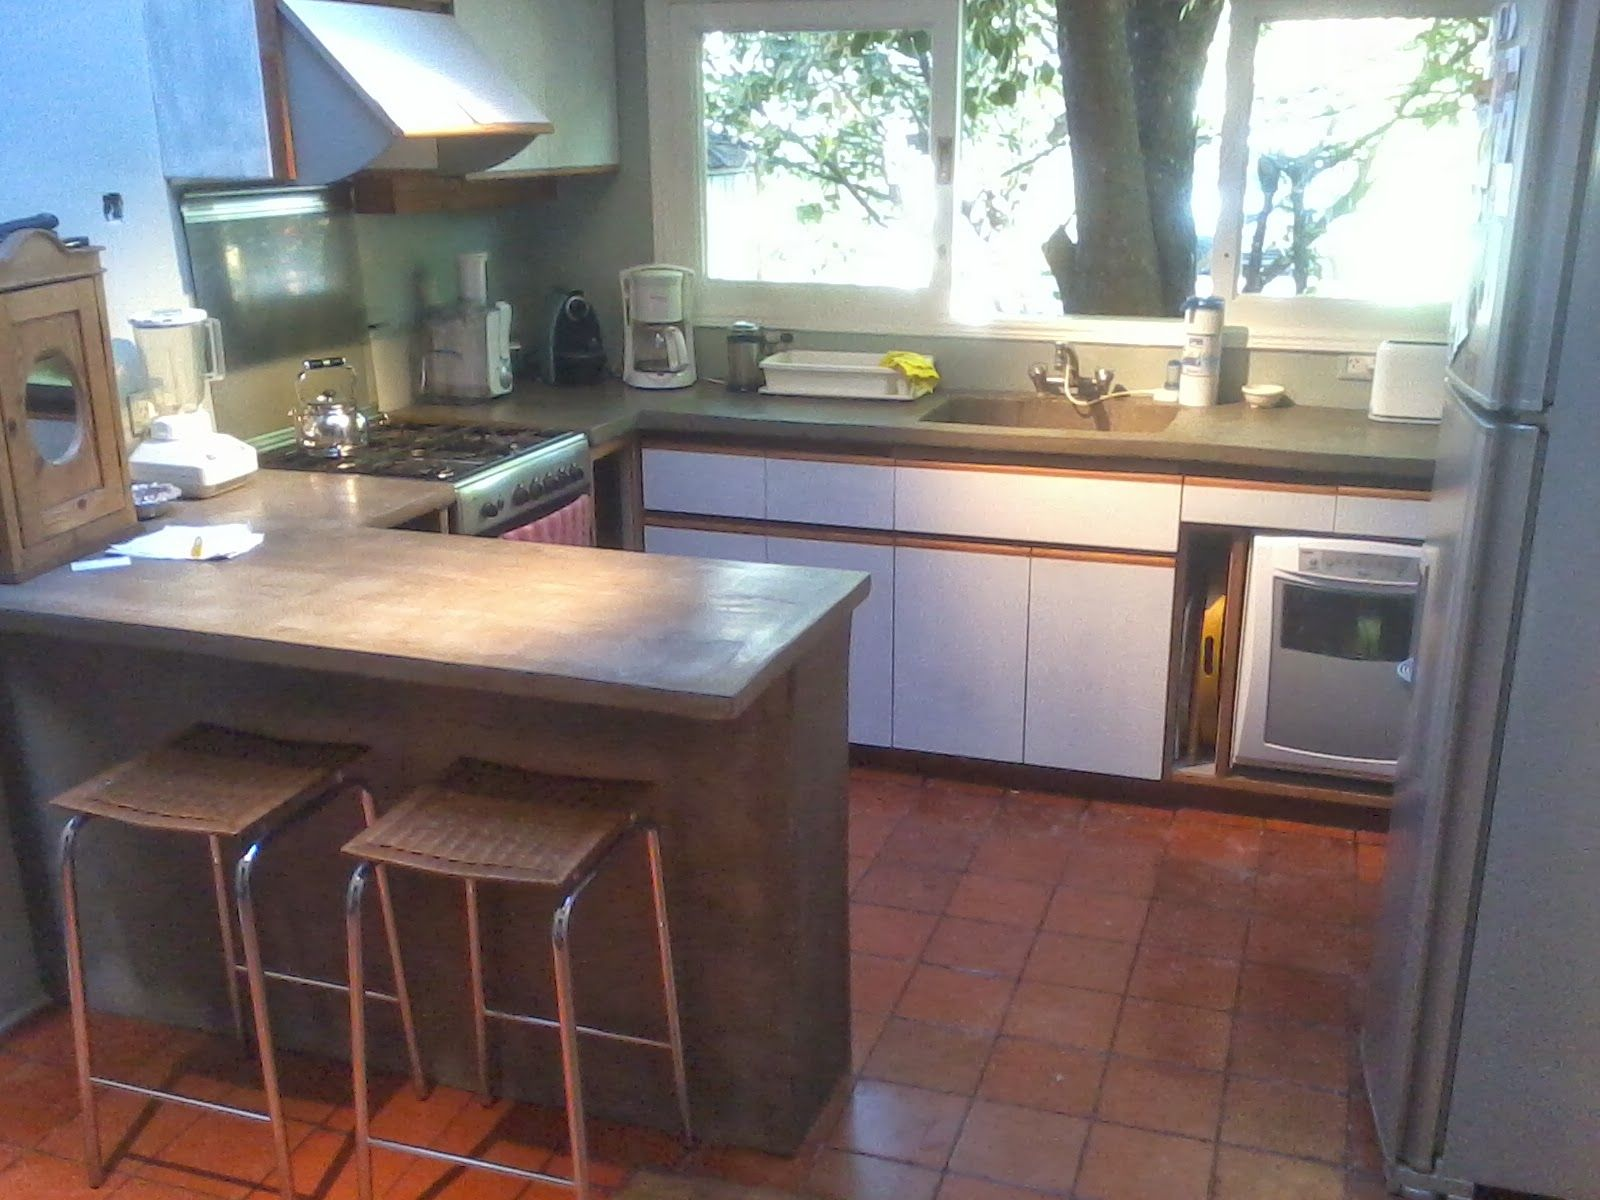 Muebles de cocina barra mesada cemento 1600 for Cocinas de concreto y azulejo modernas